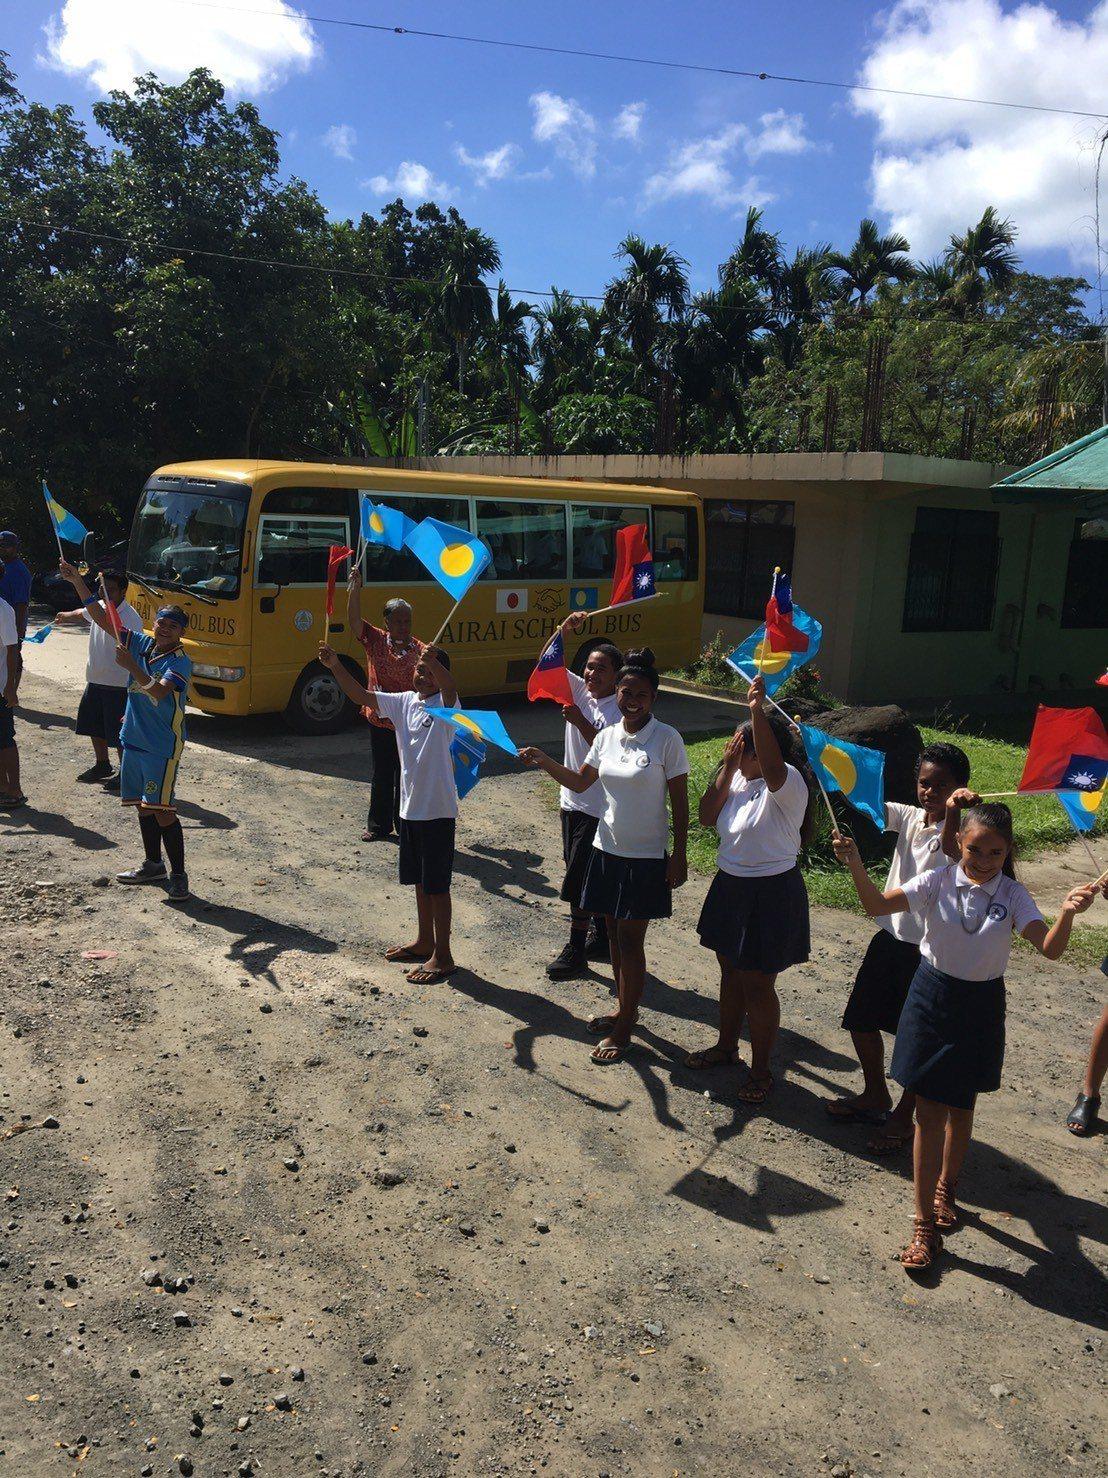 蔡總統到訪帛琉,當地民眾手持兩國國旗熱情歡迎。記者周佑政/攝影